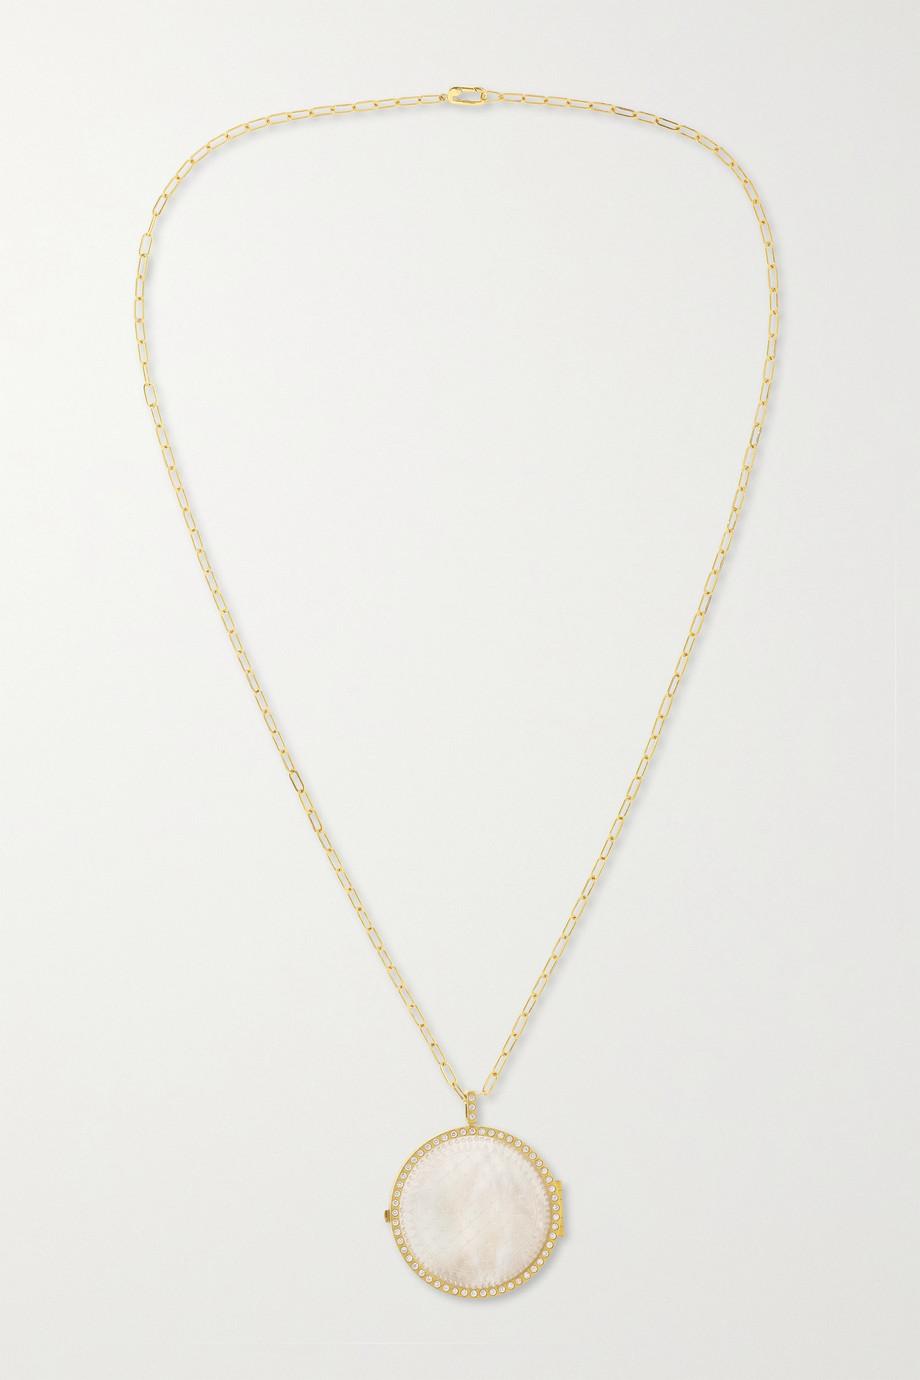 Octavia Elizabeth + NET SUSTAIN The Lover Locket Kette aus recyceltem 18 Karat Gold mit Perlmutt und Diamanten